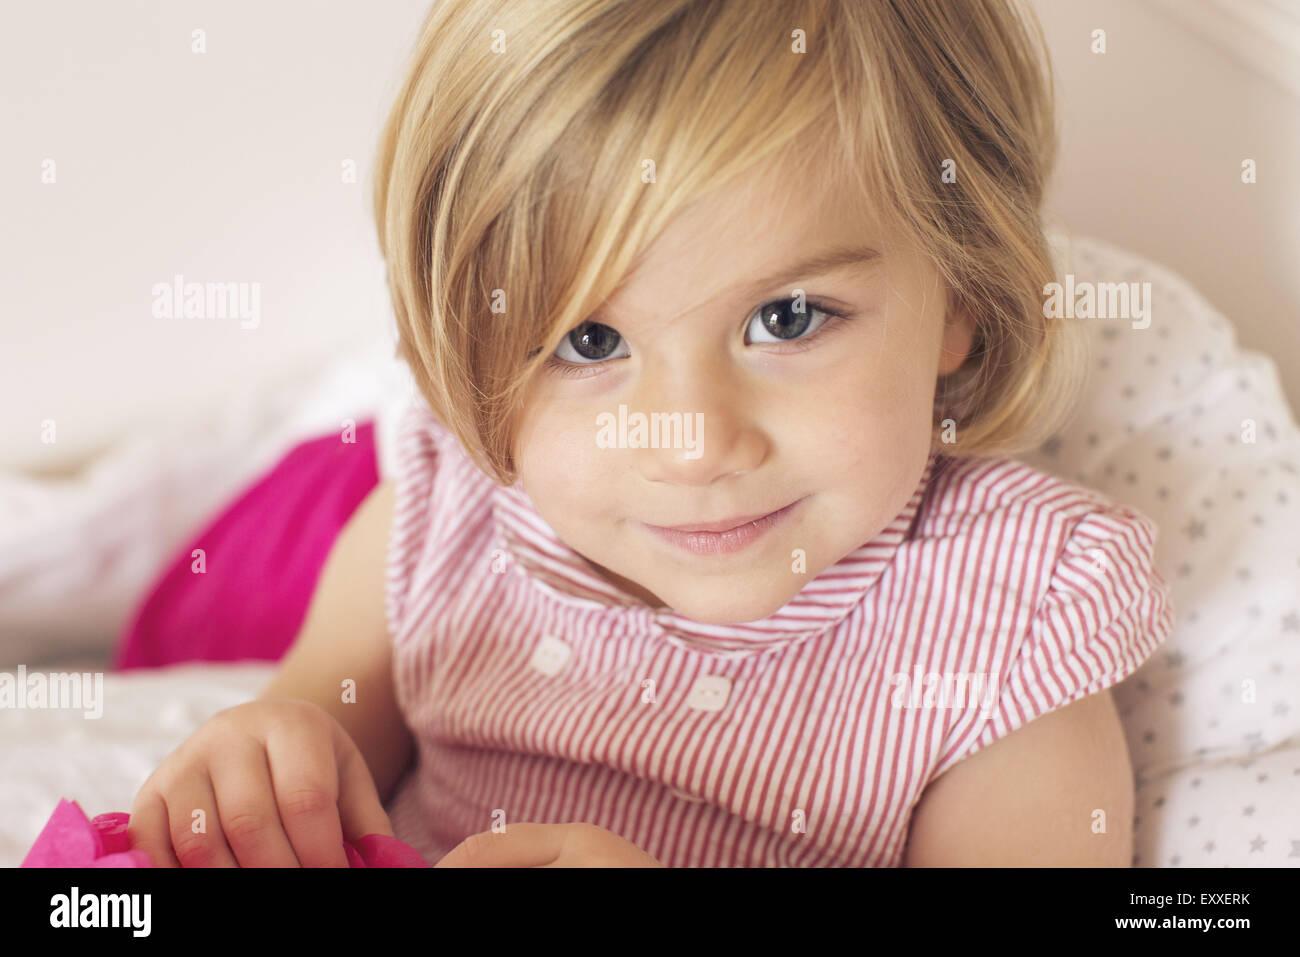 Little girl, portrait Photo Stock